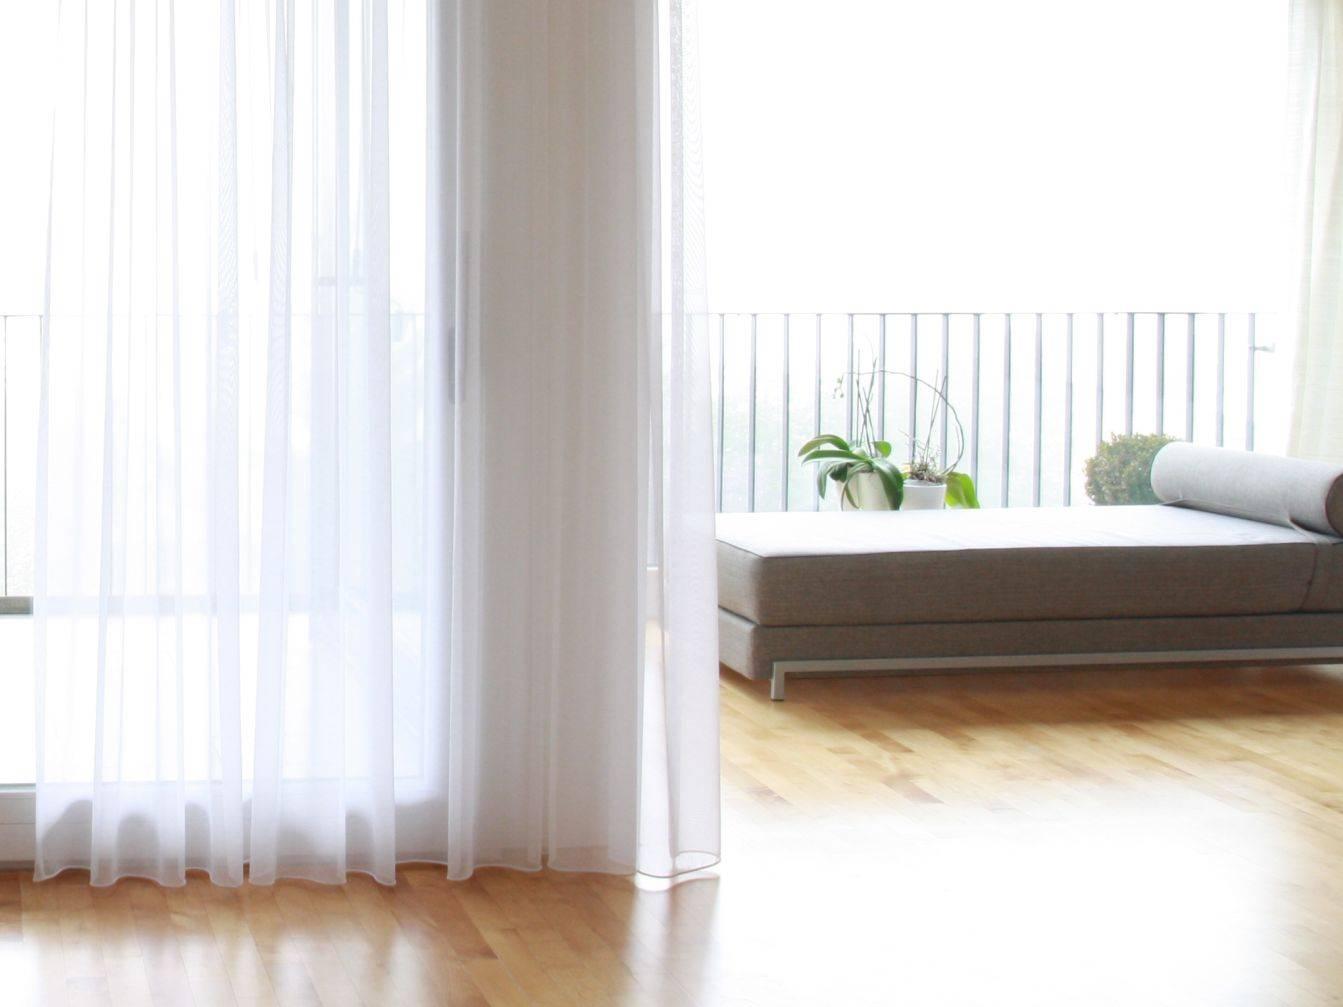 Full Size of Vorhänge Wohnzimmer Dekoration Fototapeten Led Deckenleuchte Deckenlampen Pendelleuchte Liege Heizkörper Beleuchtung Poster Deko Tischlampe Schlafzimmer Wohnzimmer Vorhänge Wohnzimmer